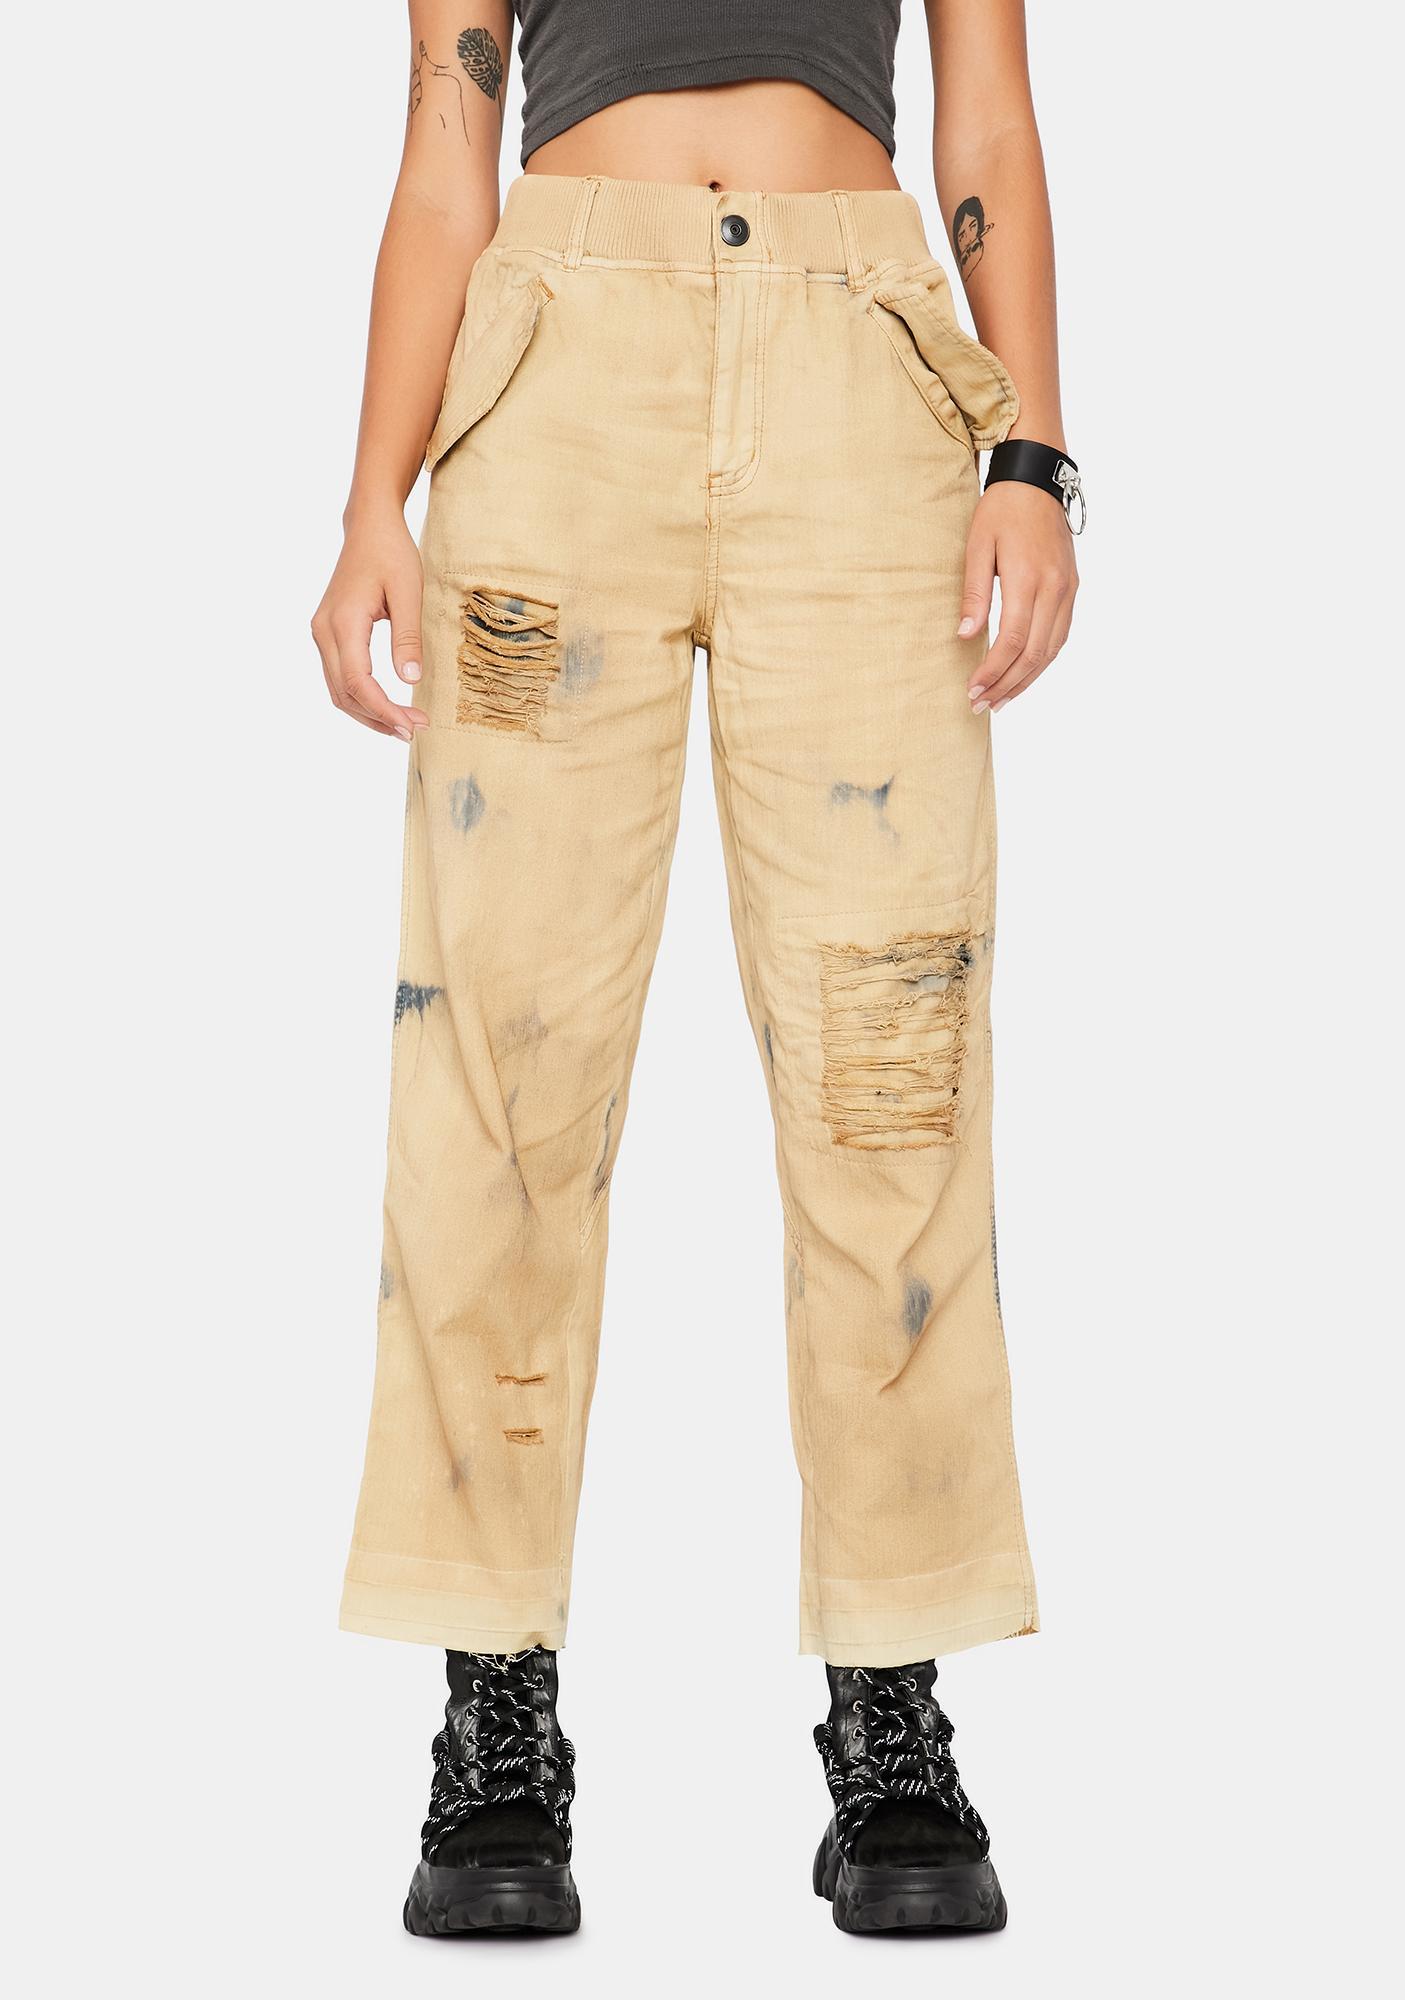 Free People Freddie Distressed Pants